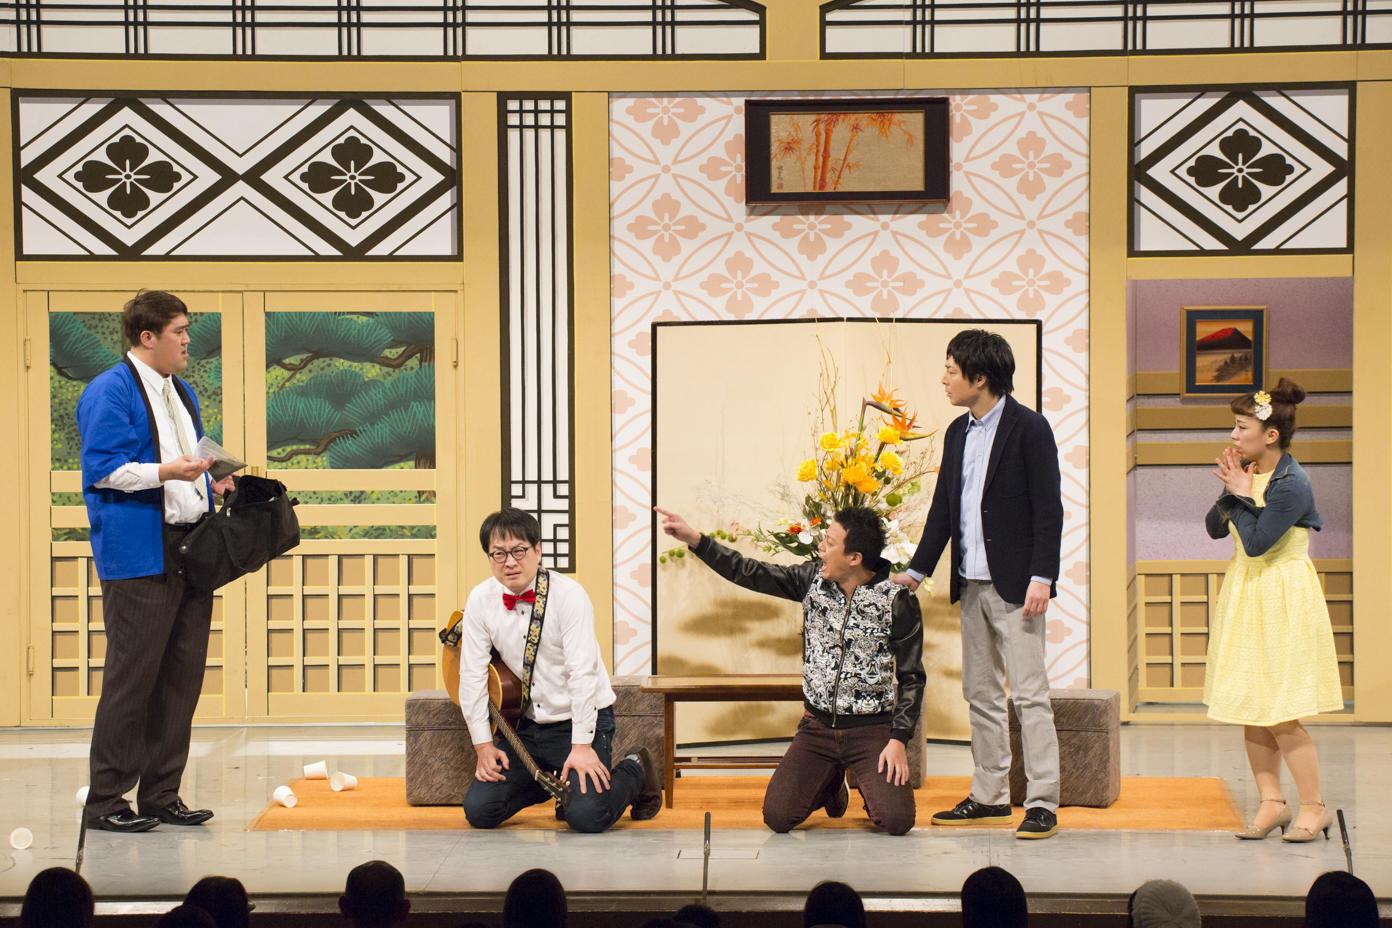 http://news.yoshimoto.co.jp/20161223234122-b271db20322002d39683914eac86040cefcf5e7f.jpg